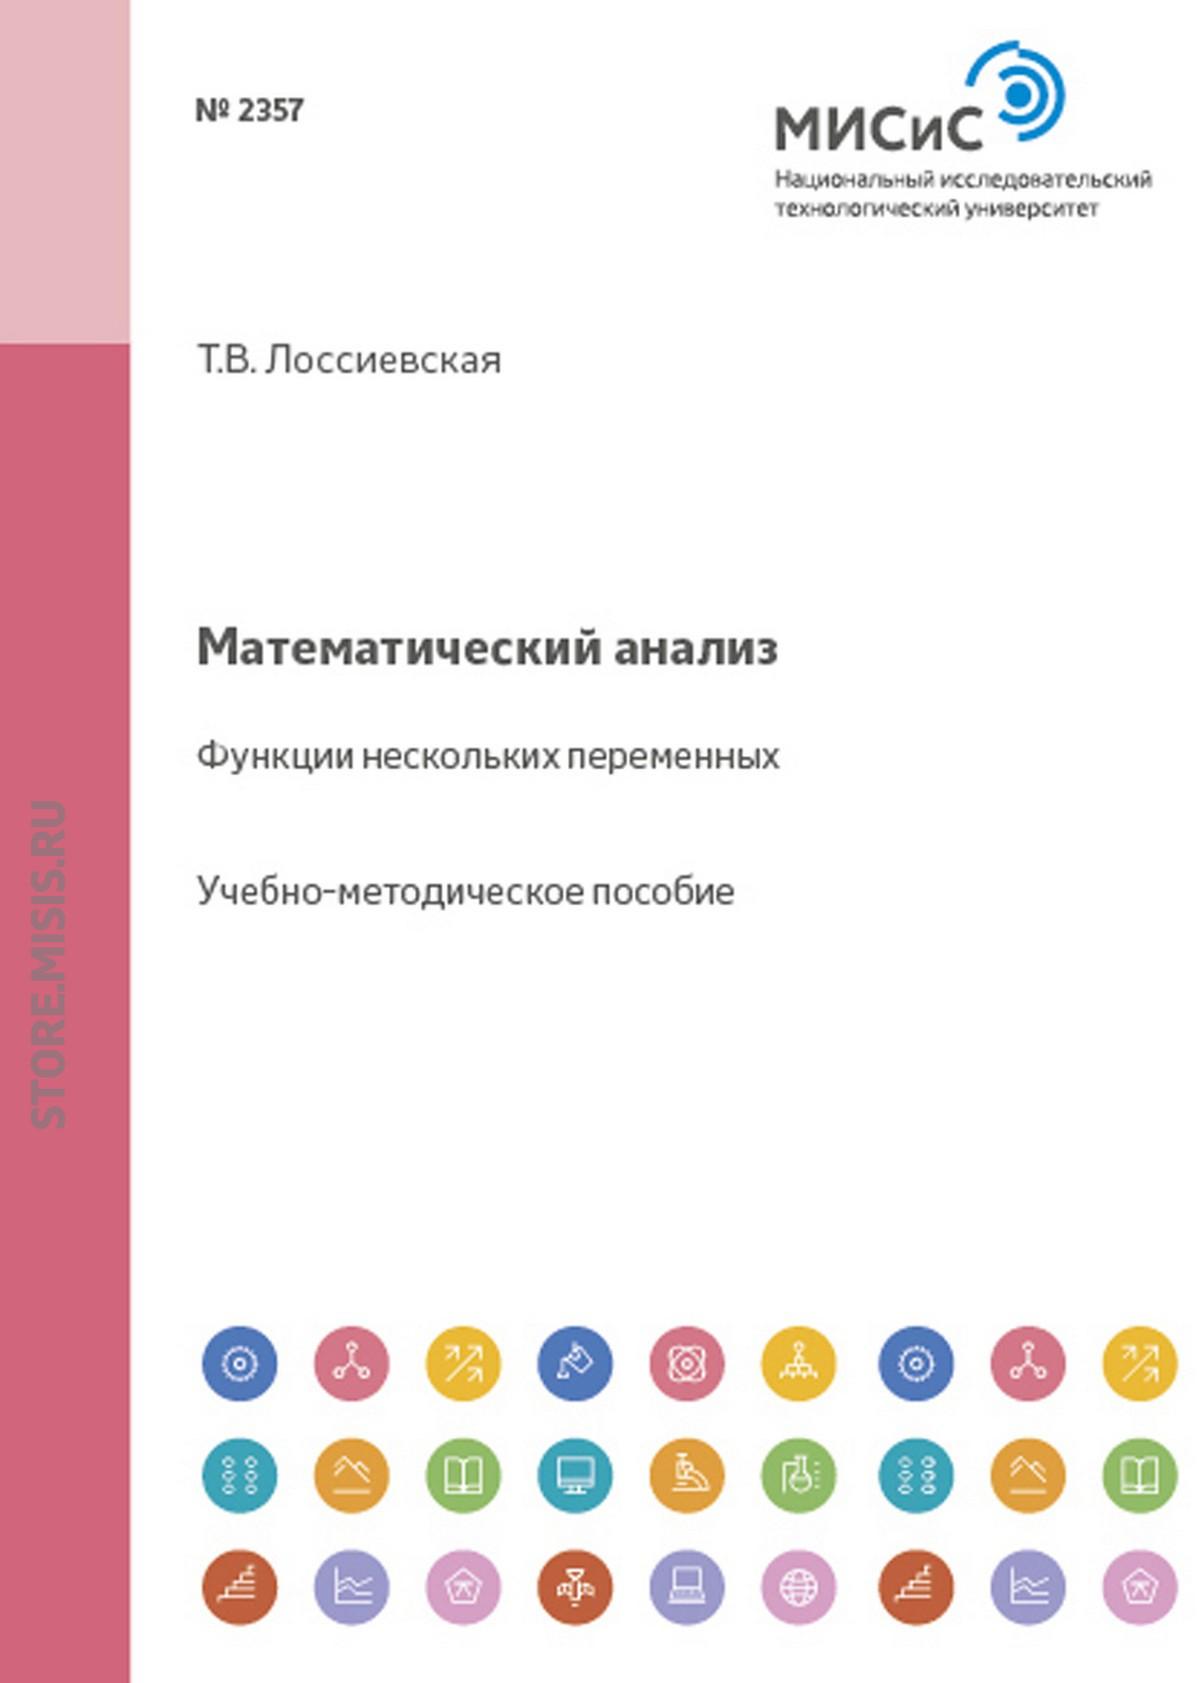 Татьяна Лоссиевская Математический анализ. Функции нескольких переменных